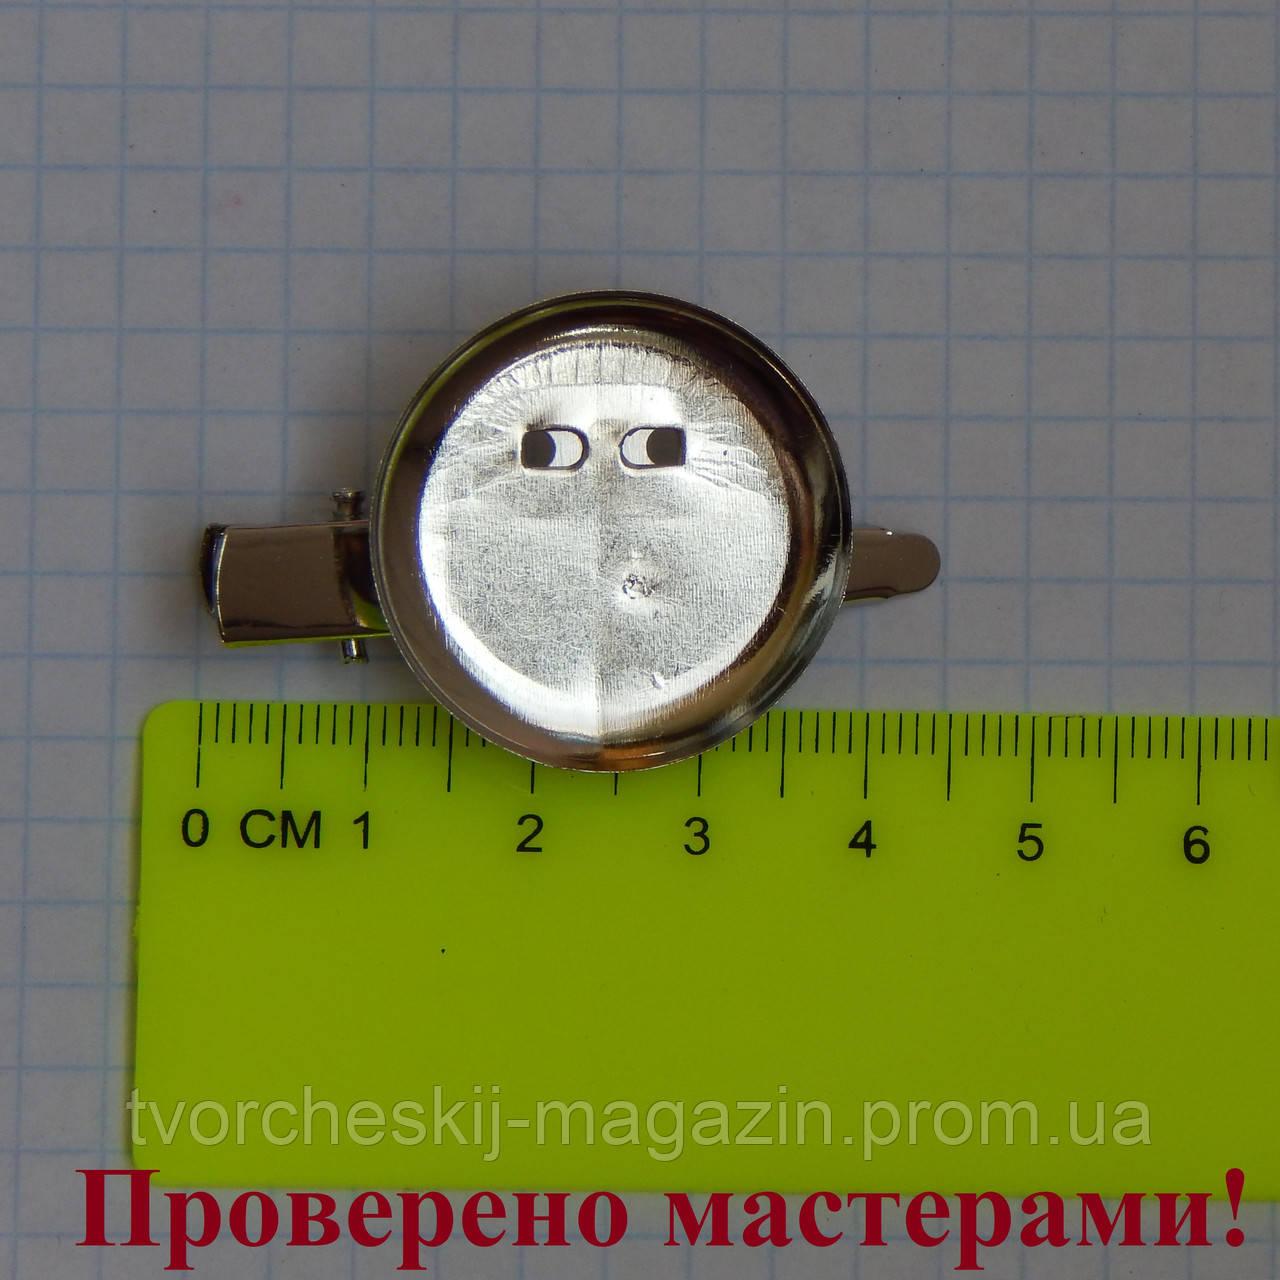 Основа для заколки – броши, длинна 45 мм, диаметр круга 30 мм